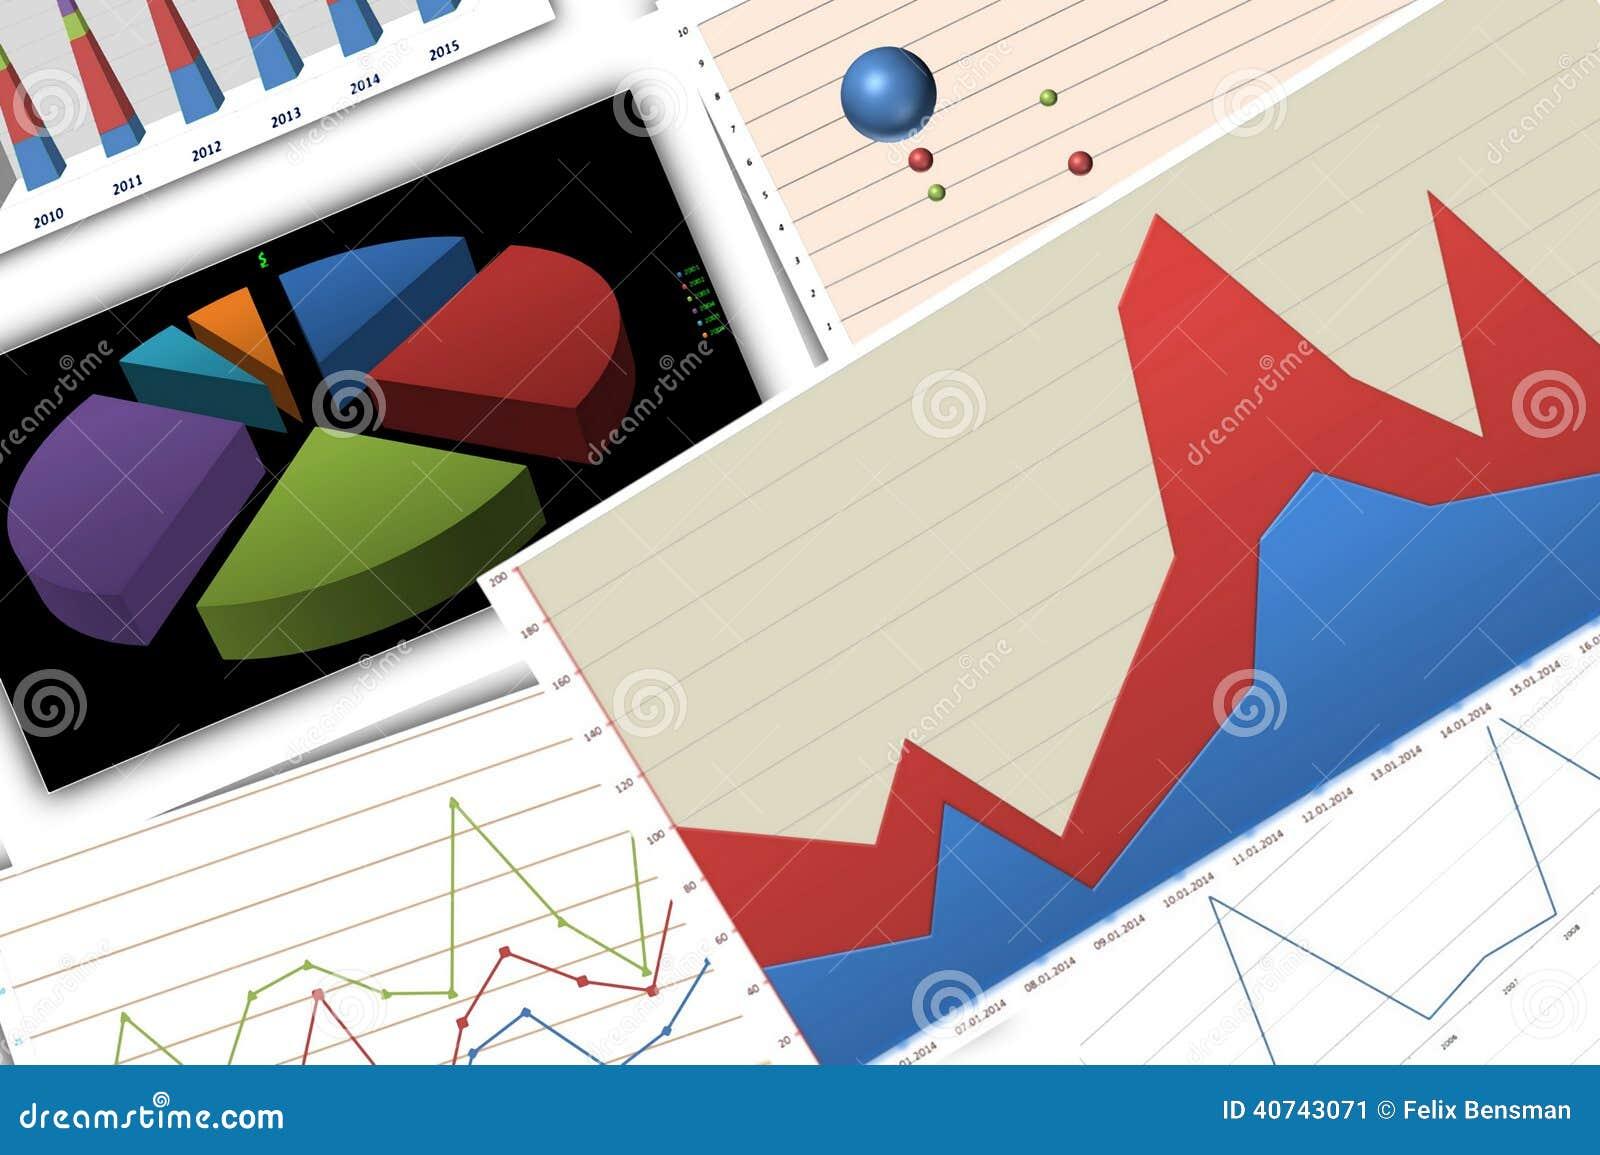 Diagramme und Diagramme